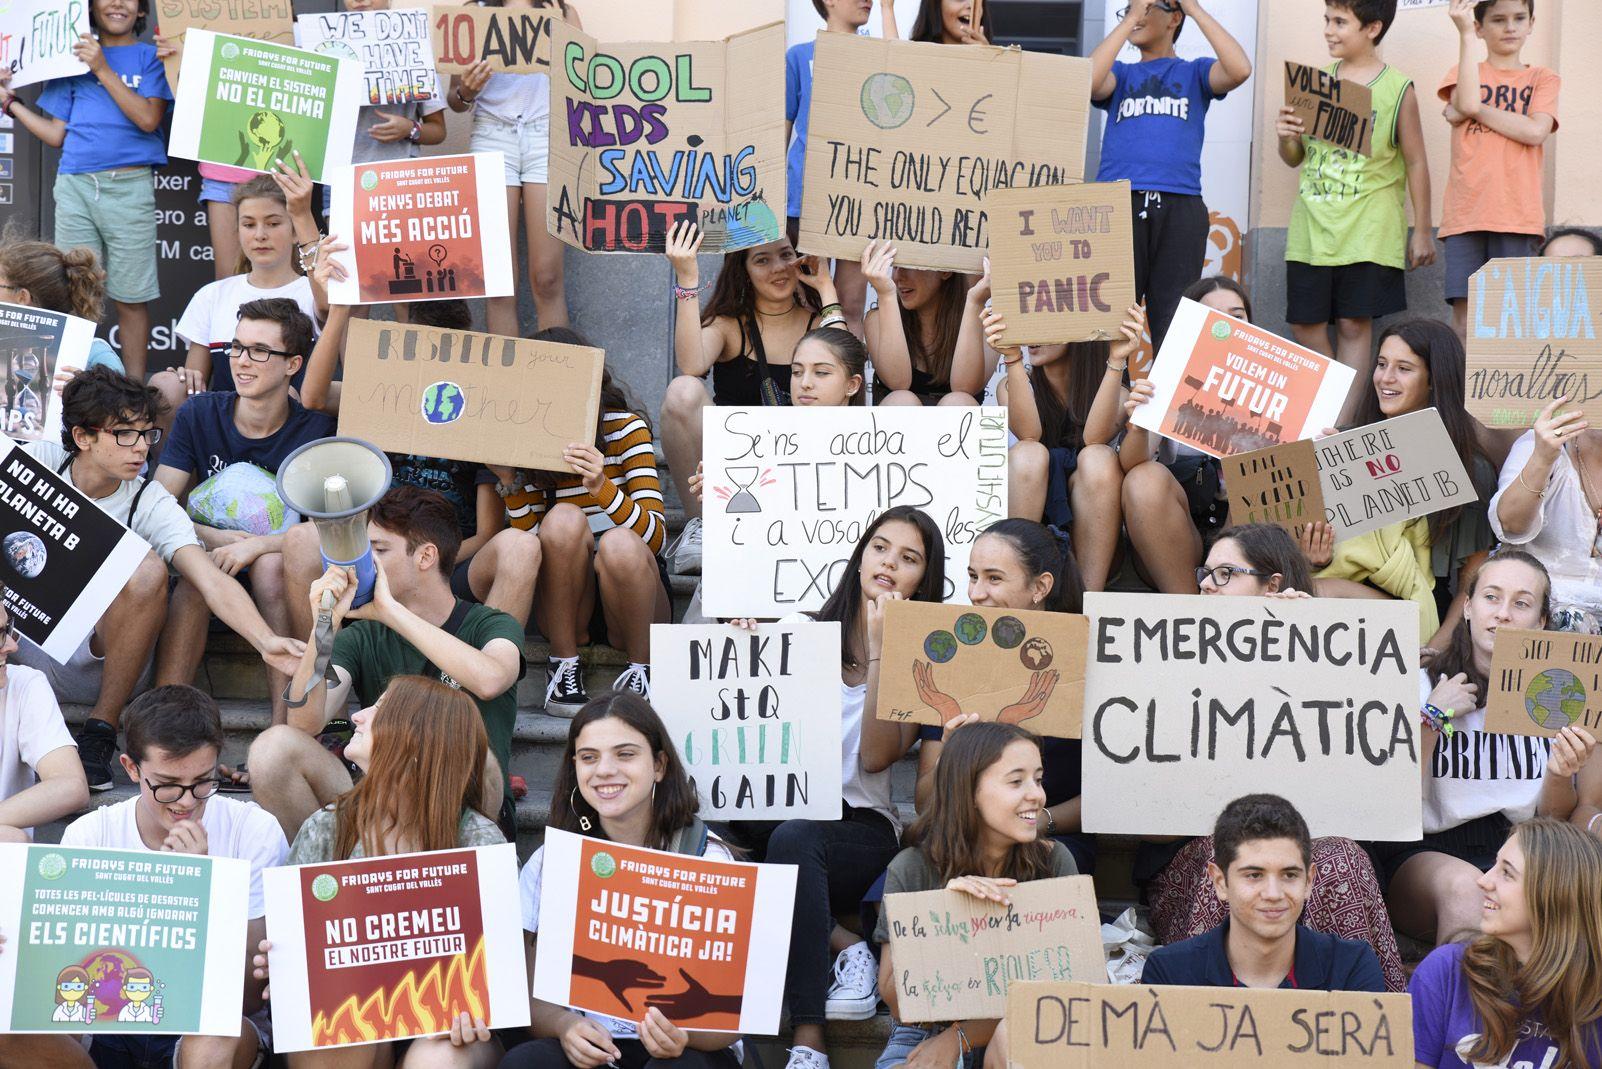 Manifestació de Fridays for Future a Sant cugat. FOTO: Bernat Millet